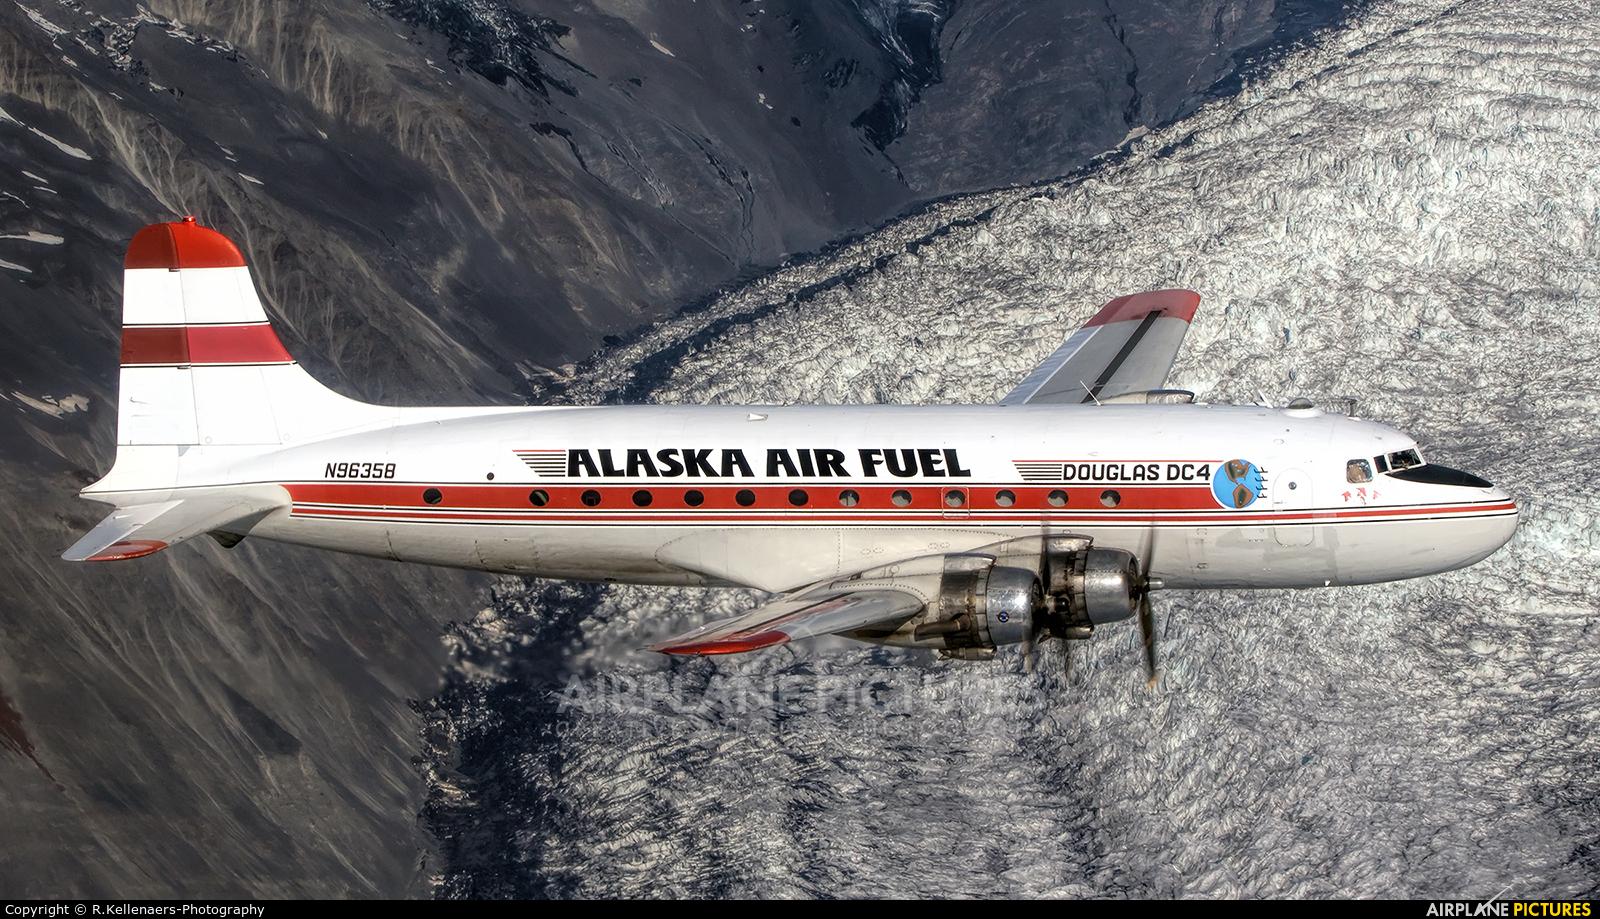 Alaska Air Fuel N96358 aircraft at In Flight - Alaska